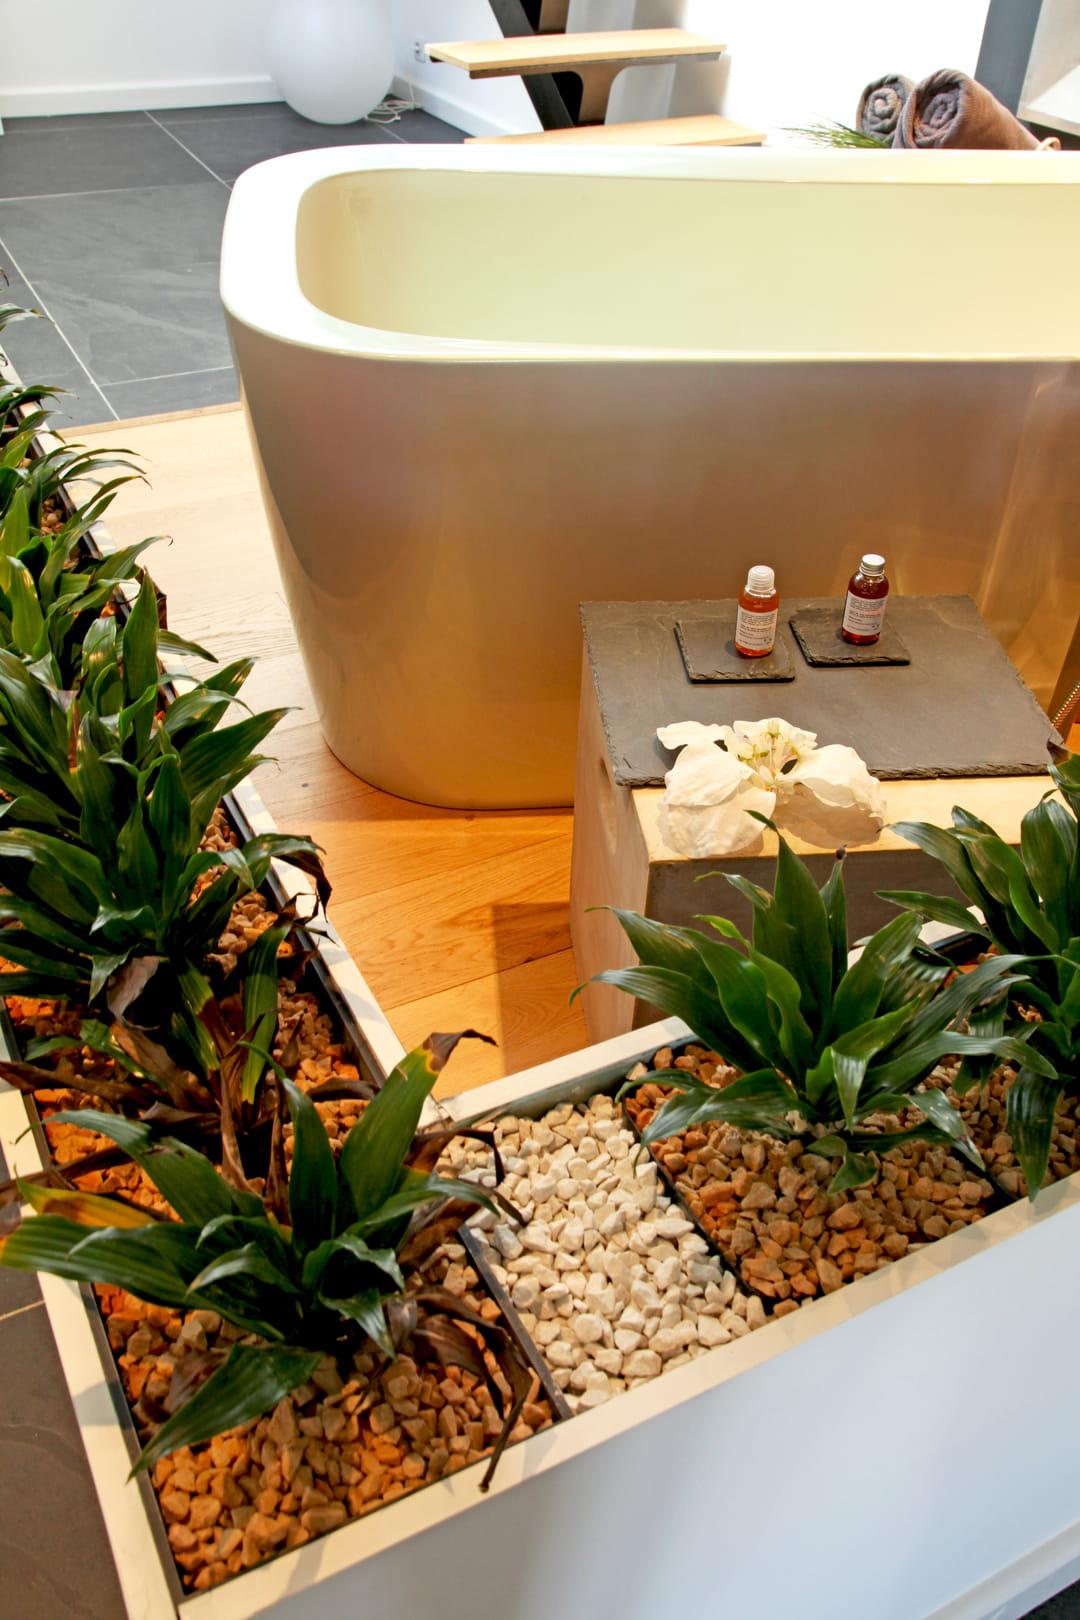 Comment créer une salle de bains zen ?